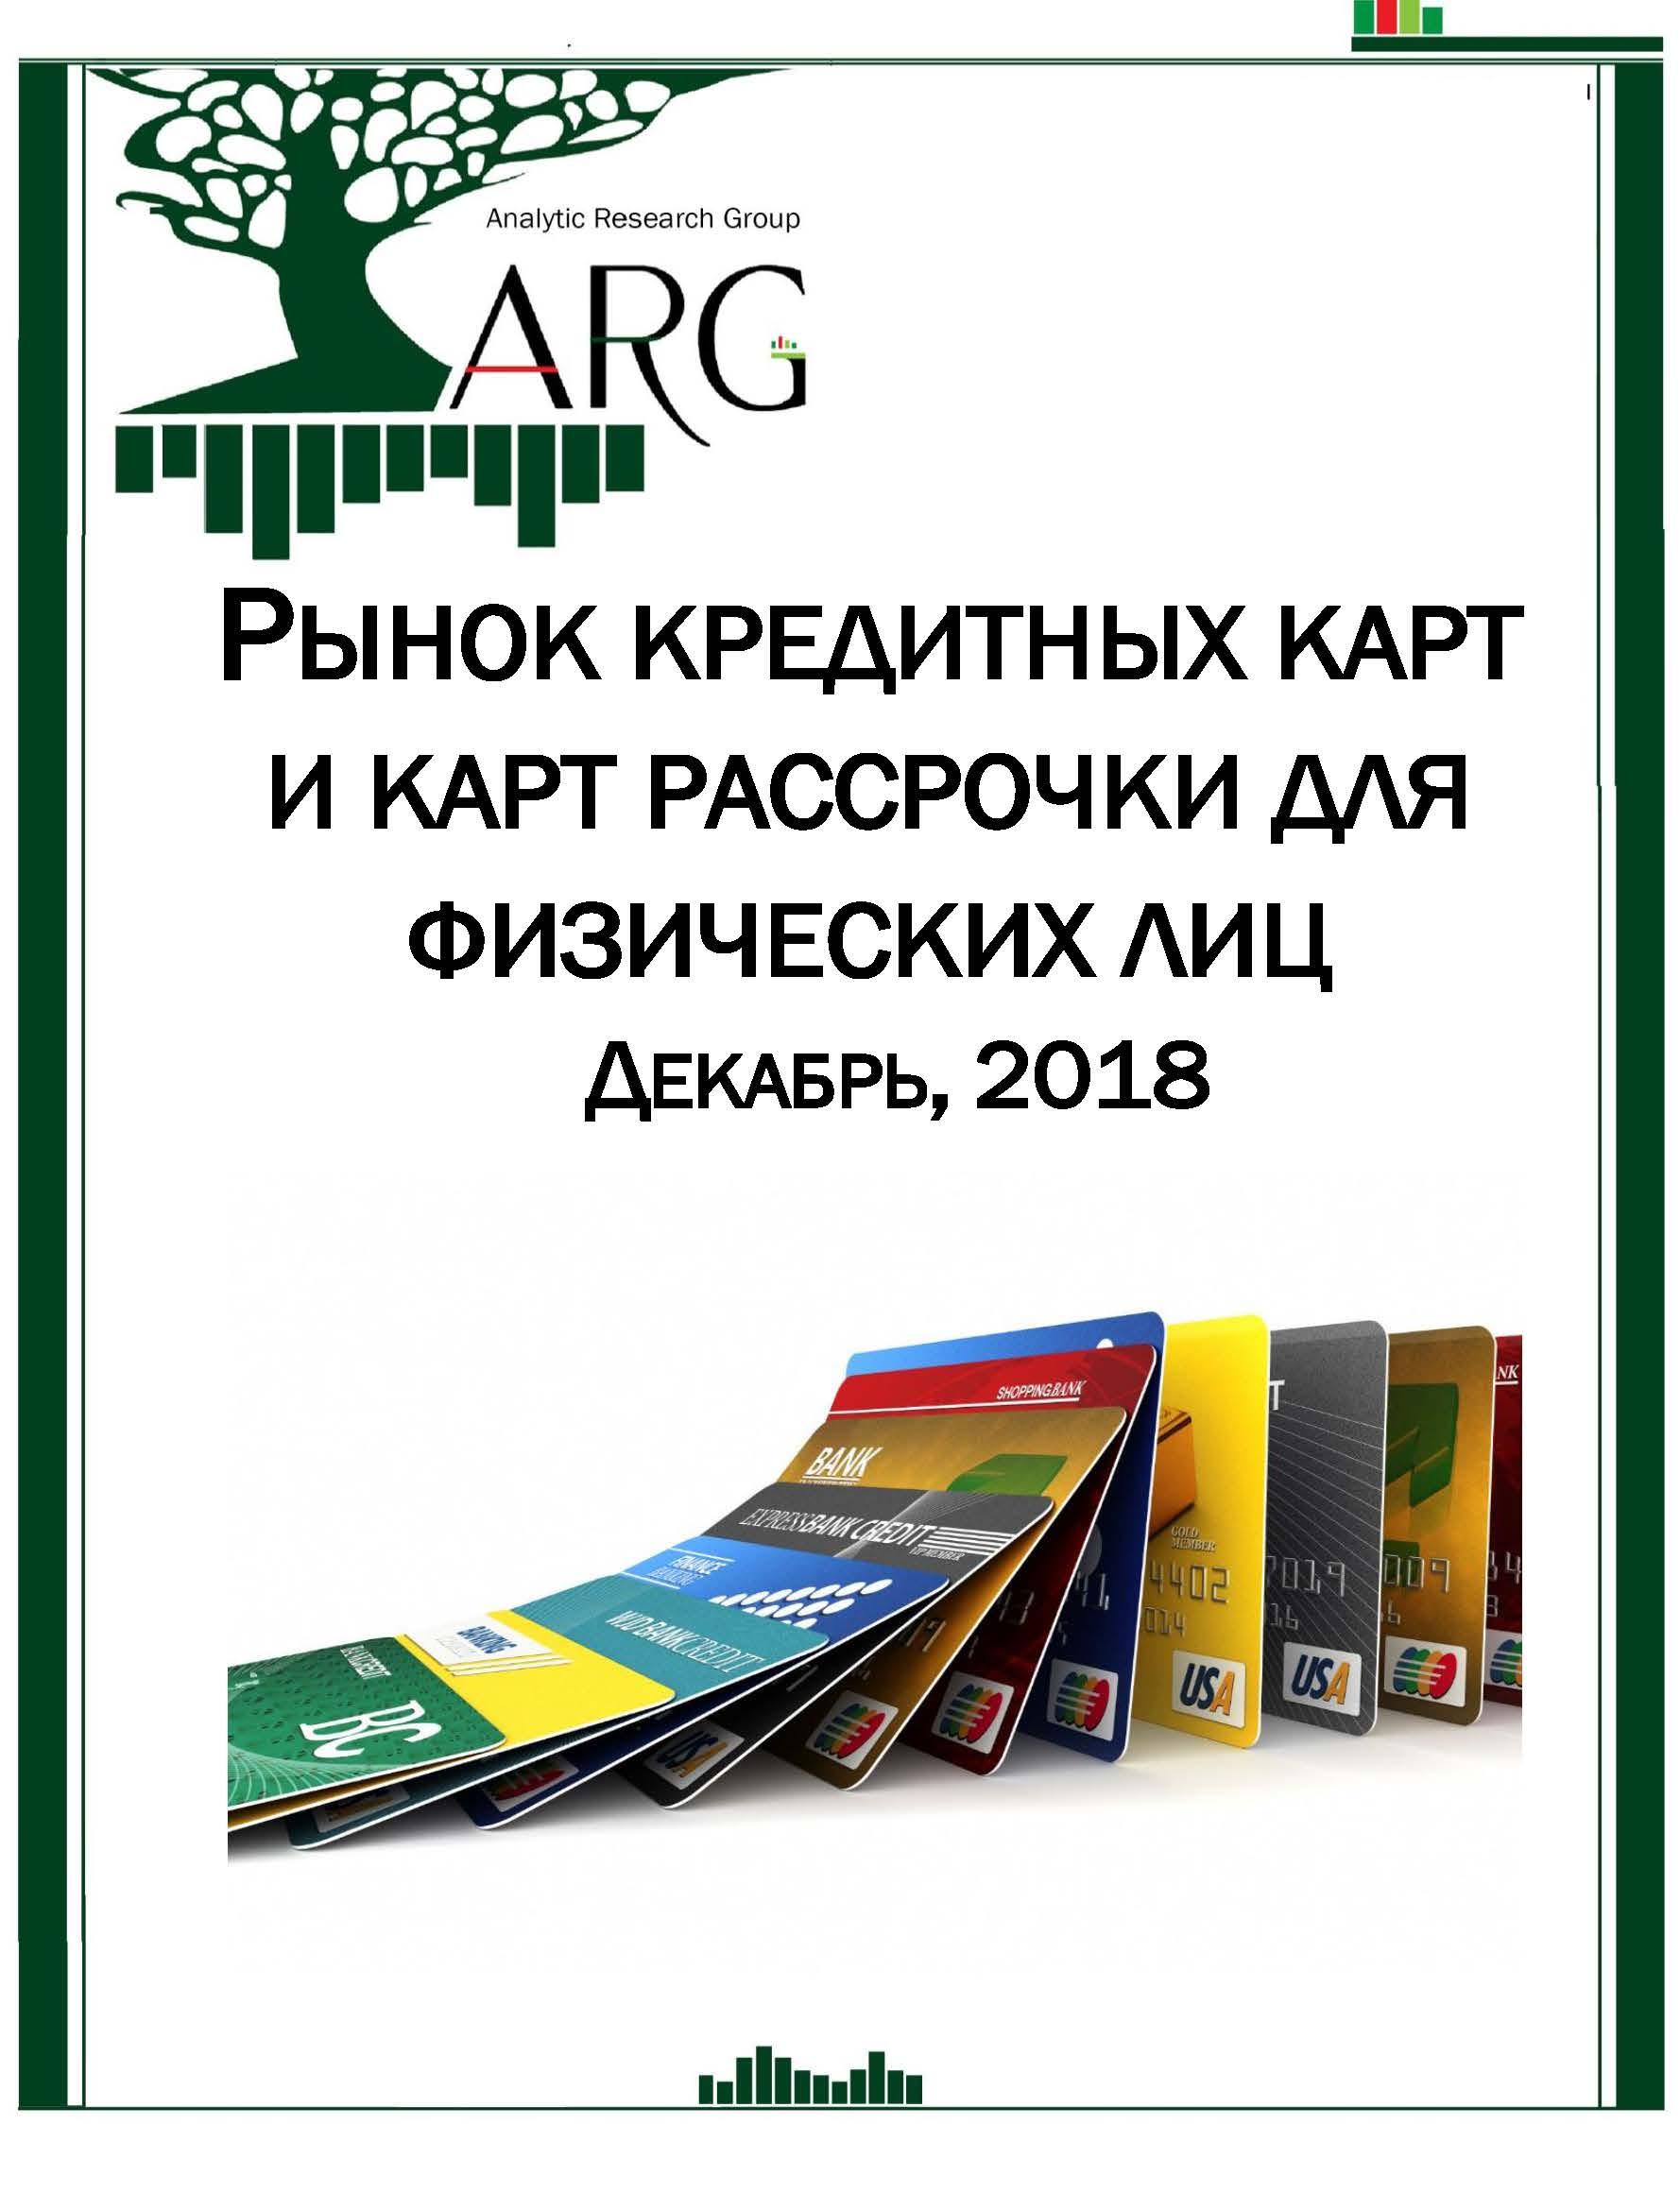 кредитная карта банк санкт петербург 101 день альфа банк заказать кредитную карту онлайн 100 дней по телефону